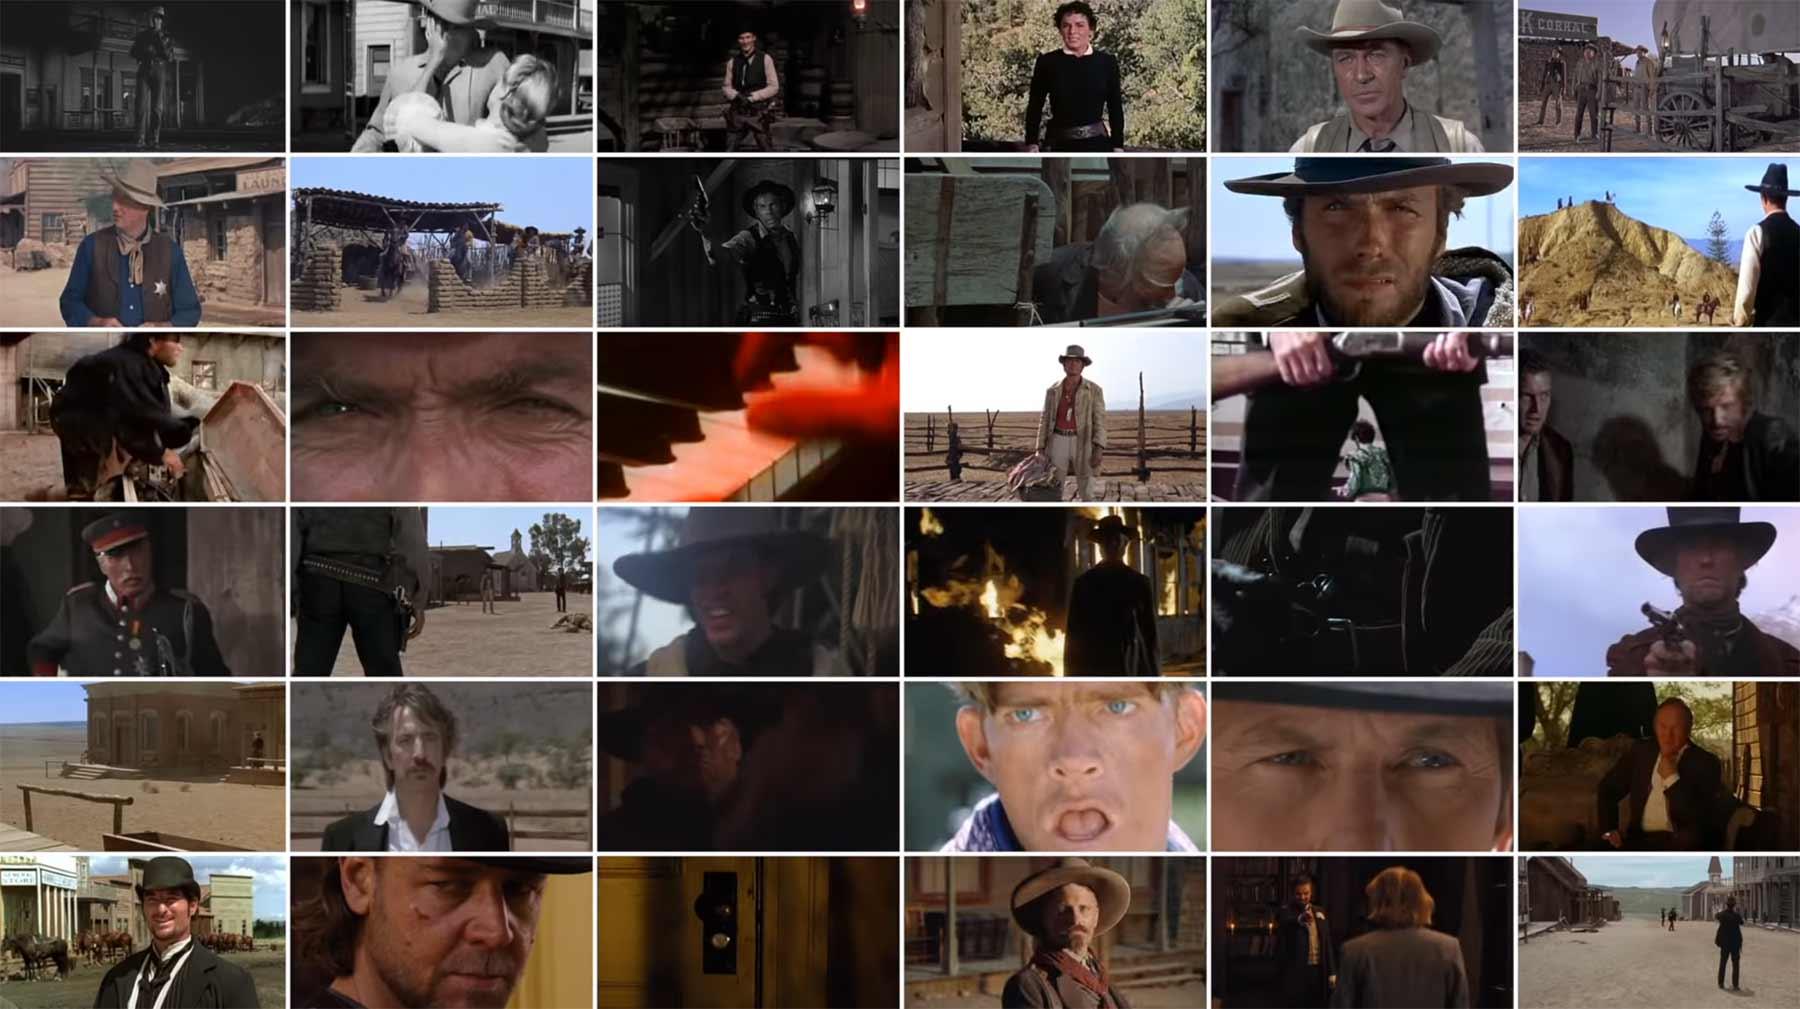 36 Western geben synchron ihren ersten Schuss ab 36-western-synchron-shooting